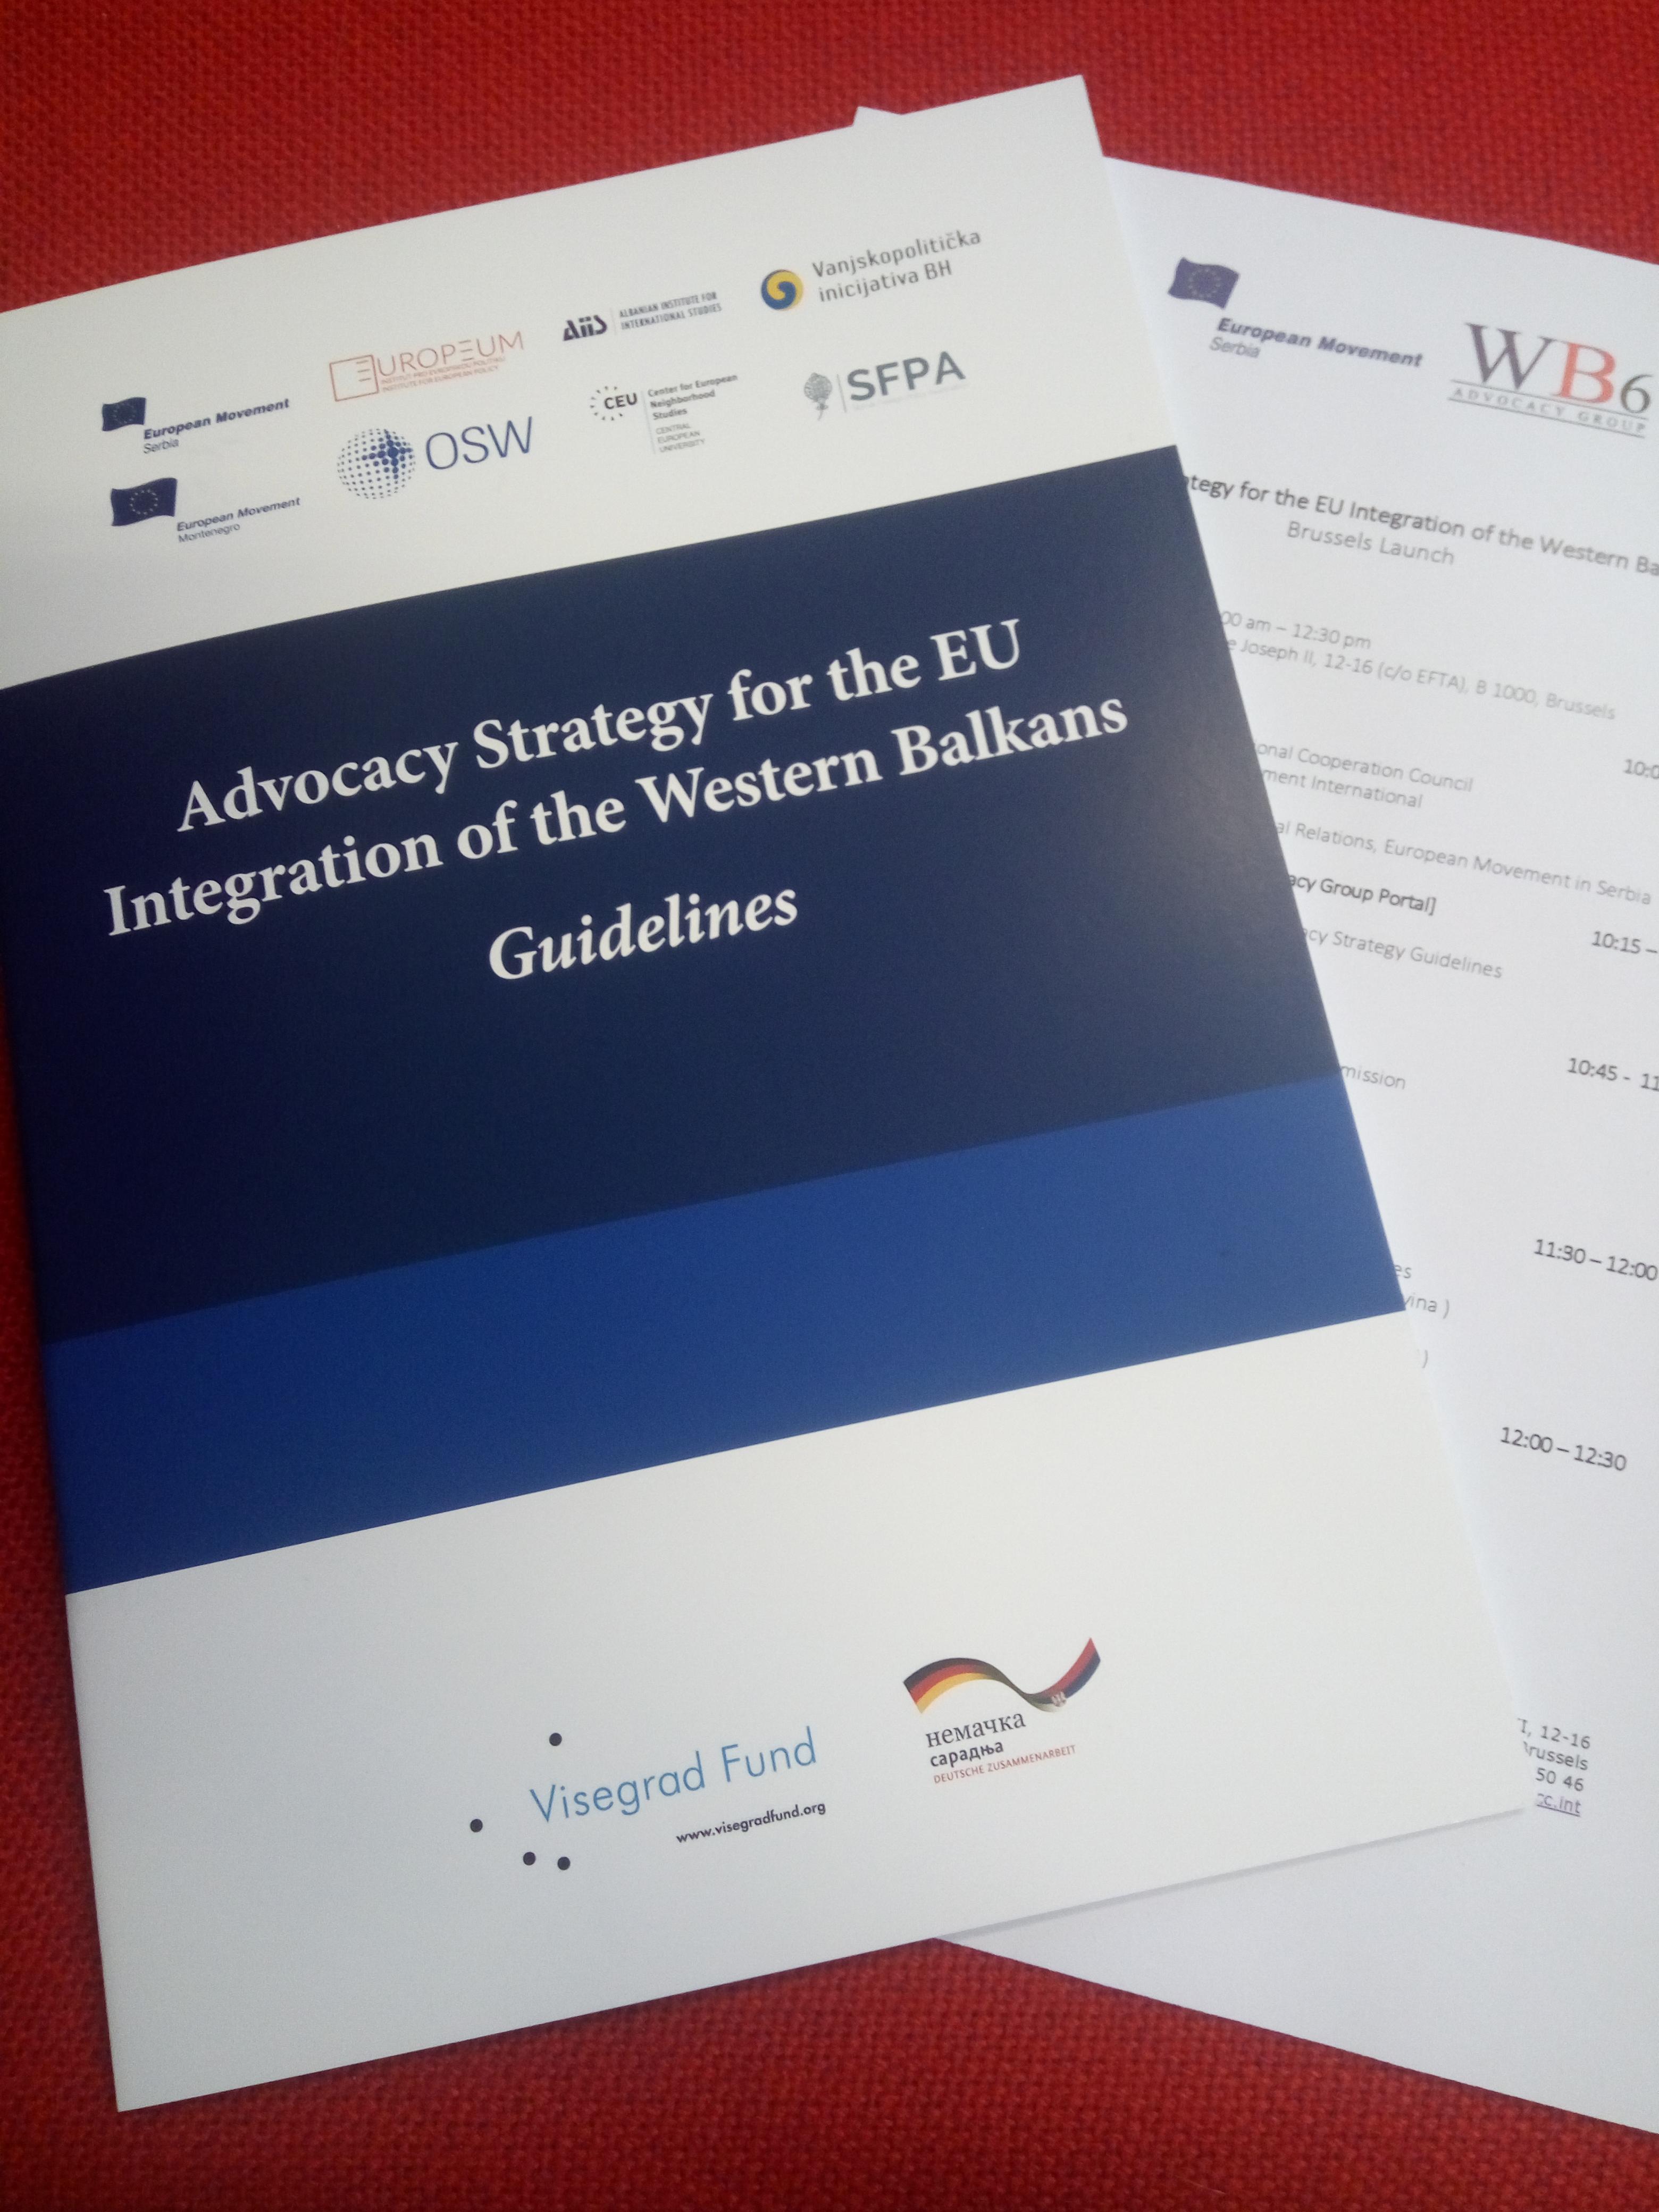 Τα Βαλκάνια με νέα στρατηγική για την ένταξη τους στην ΕΕ